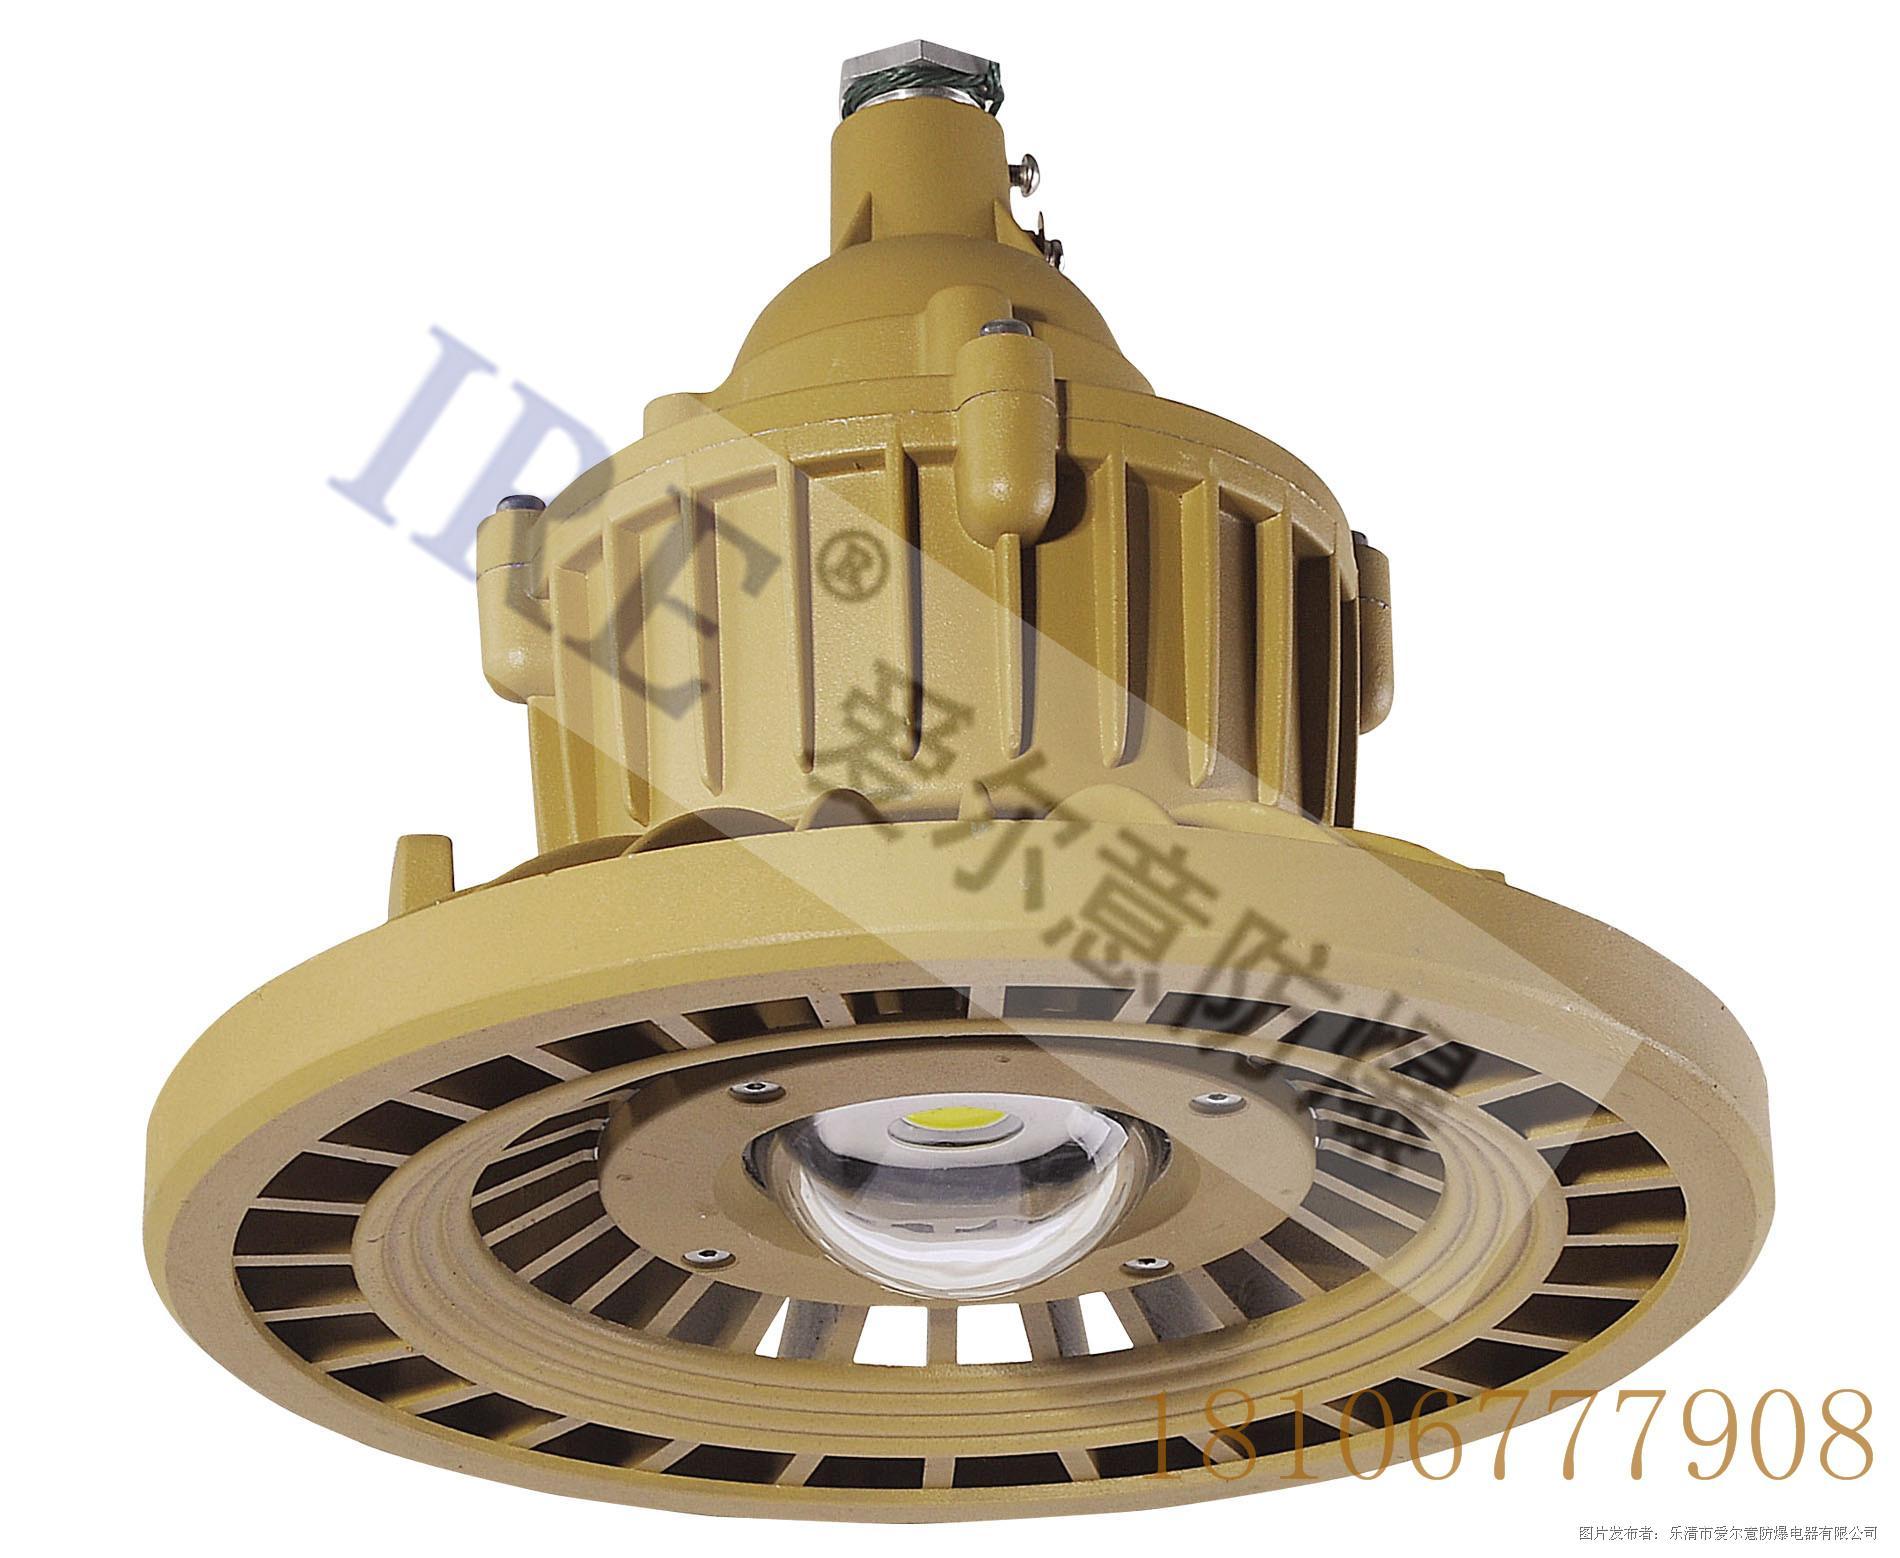 爱尔意推出最新LED防爆灯